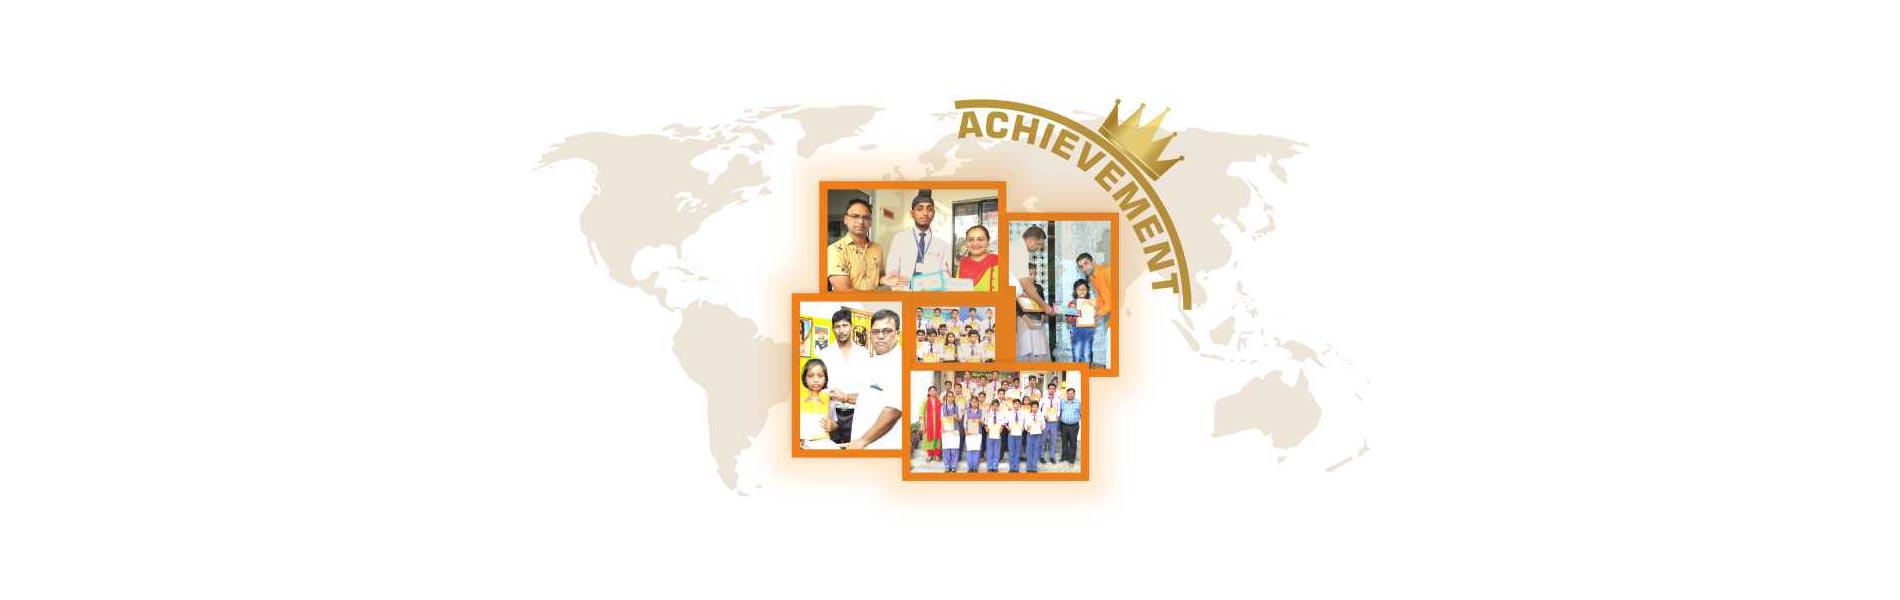 Global Olympiad Federation / Udayan Education Pvt Ltd